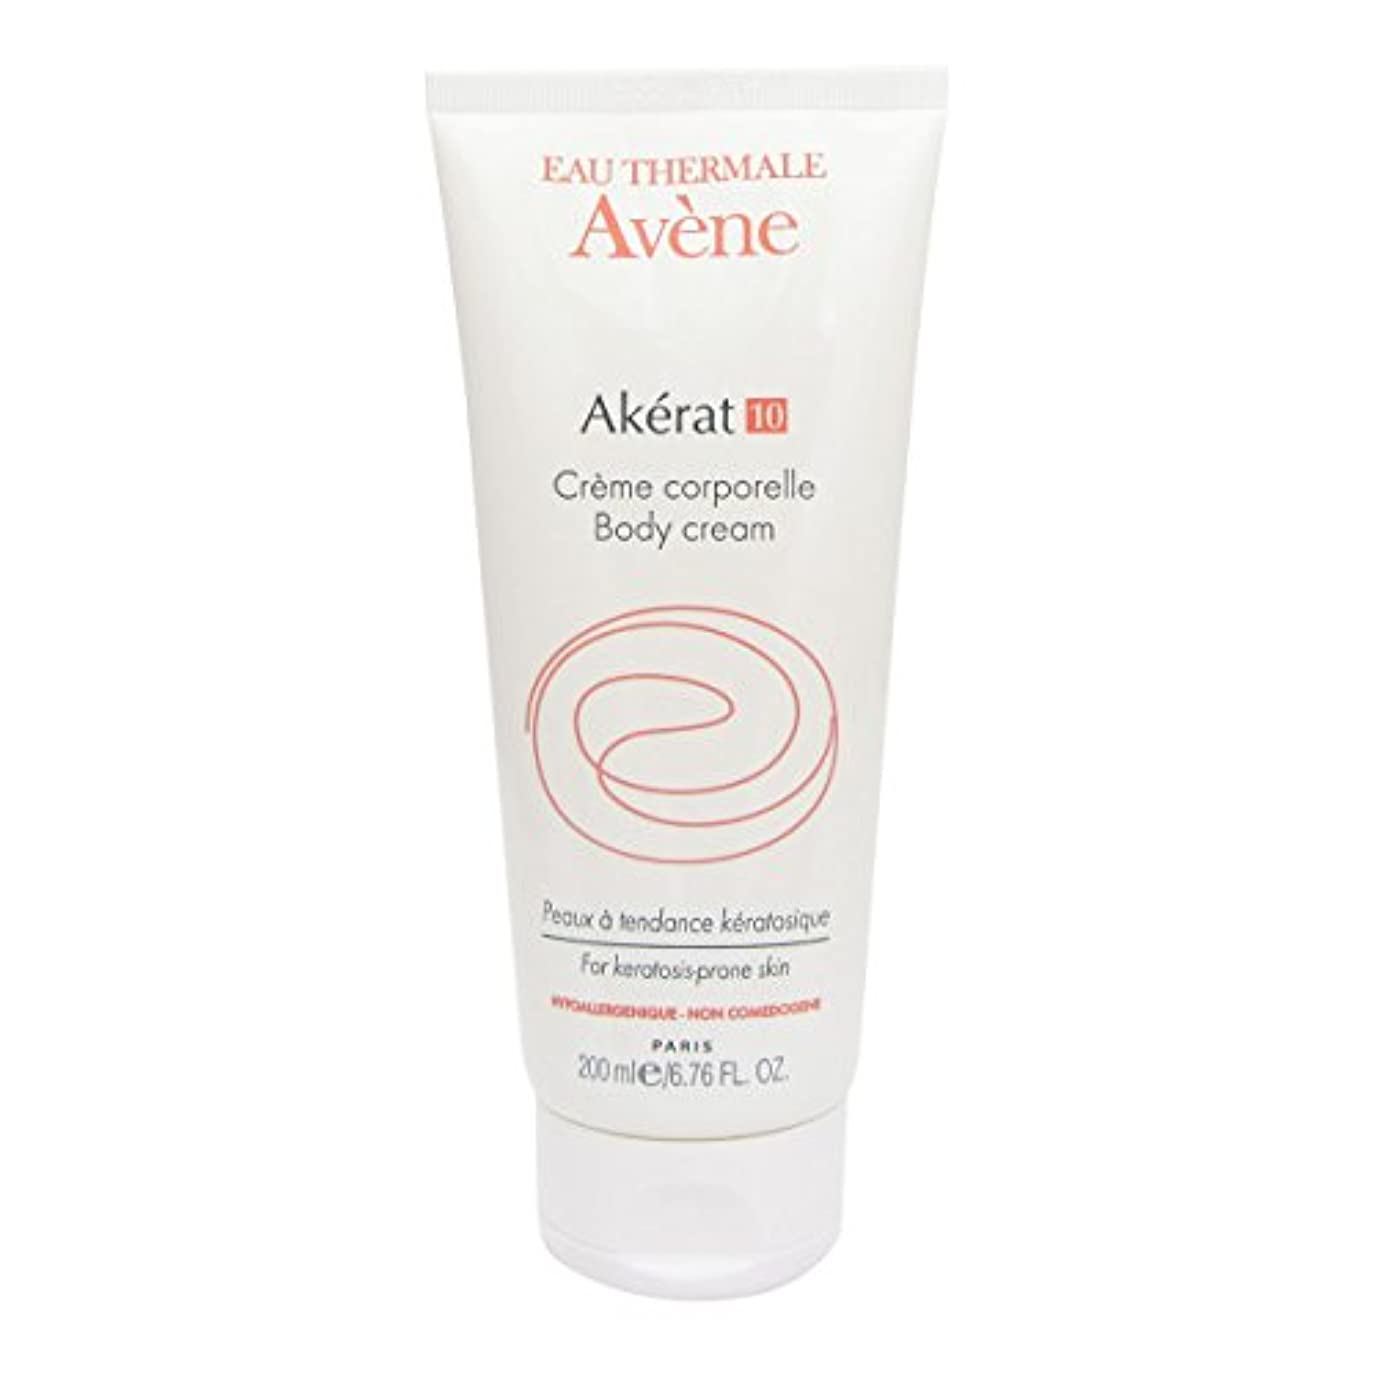 廃棄する対意図するAvene Akerat 10 Body Cream 200ml [並行輸入品]